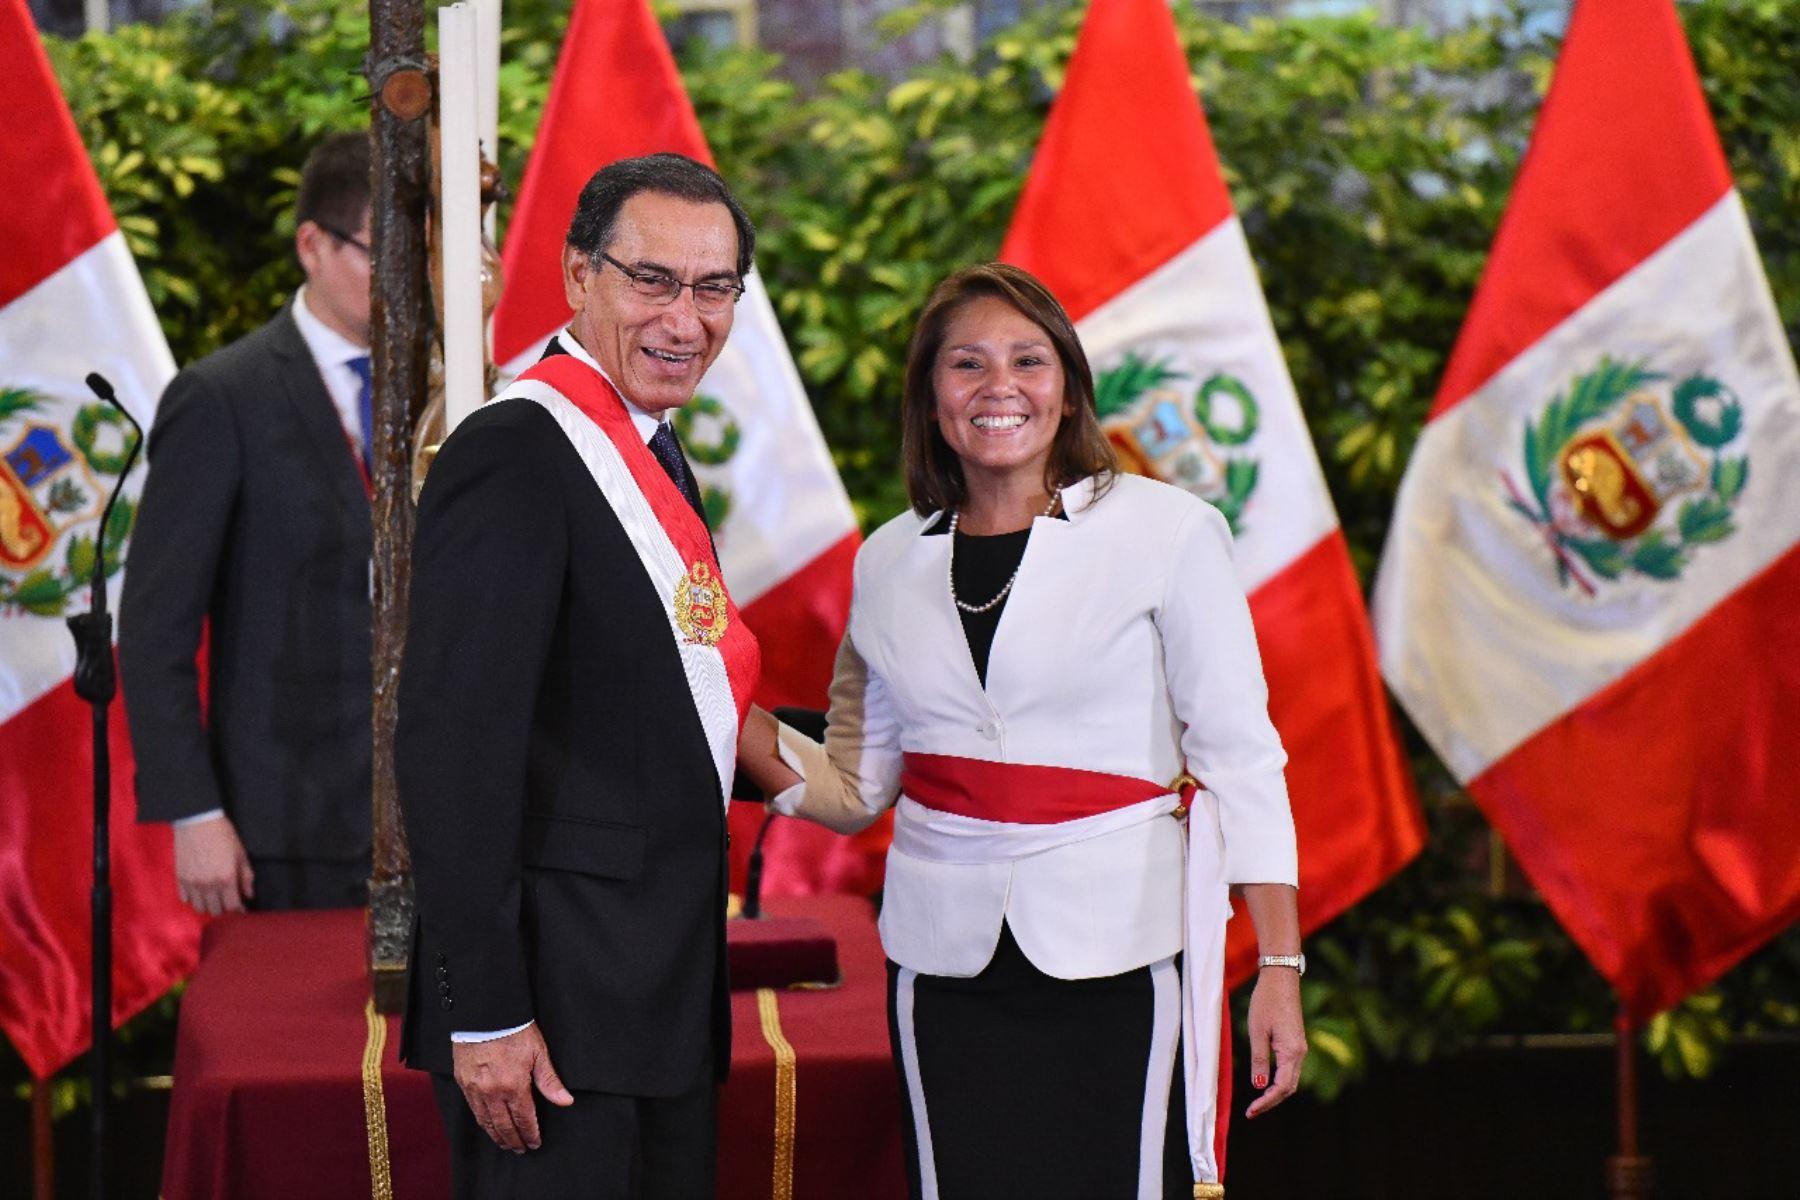 Paola Bustamante juramenta como ministra de Desarrollo e Inclusión Social. Foto: ANDINA/Prensa Presidencia